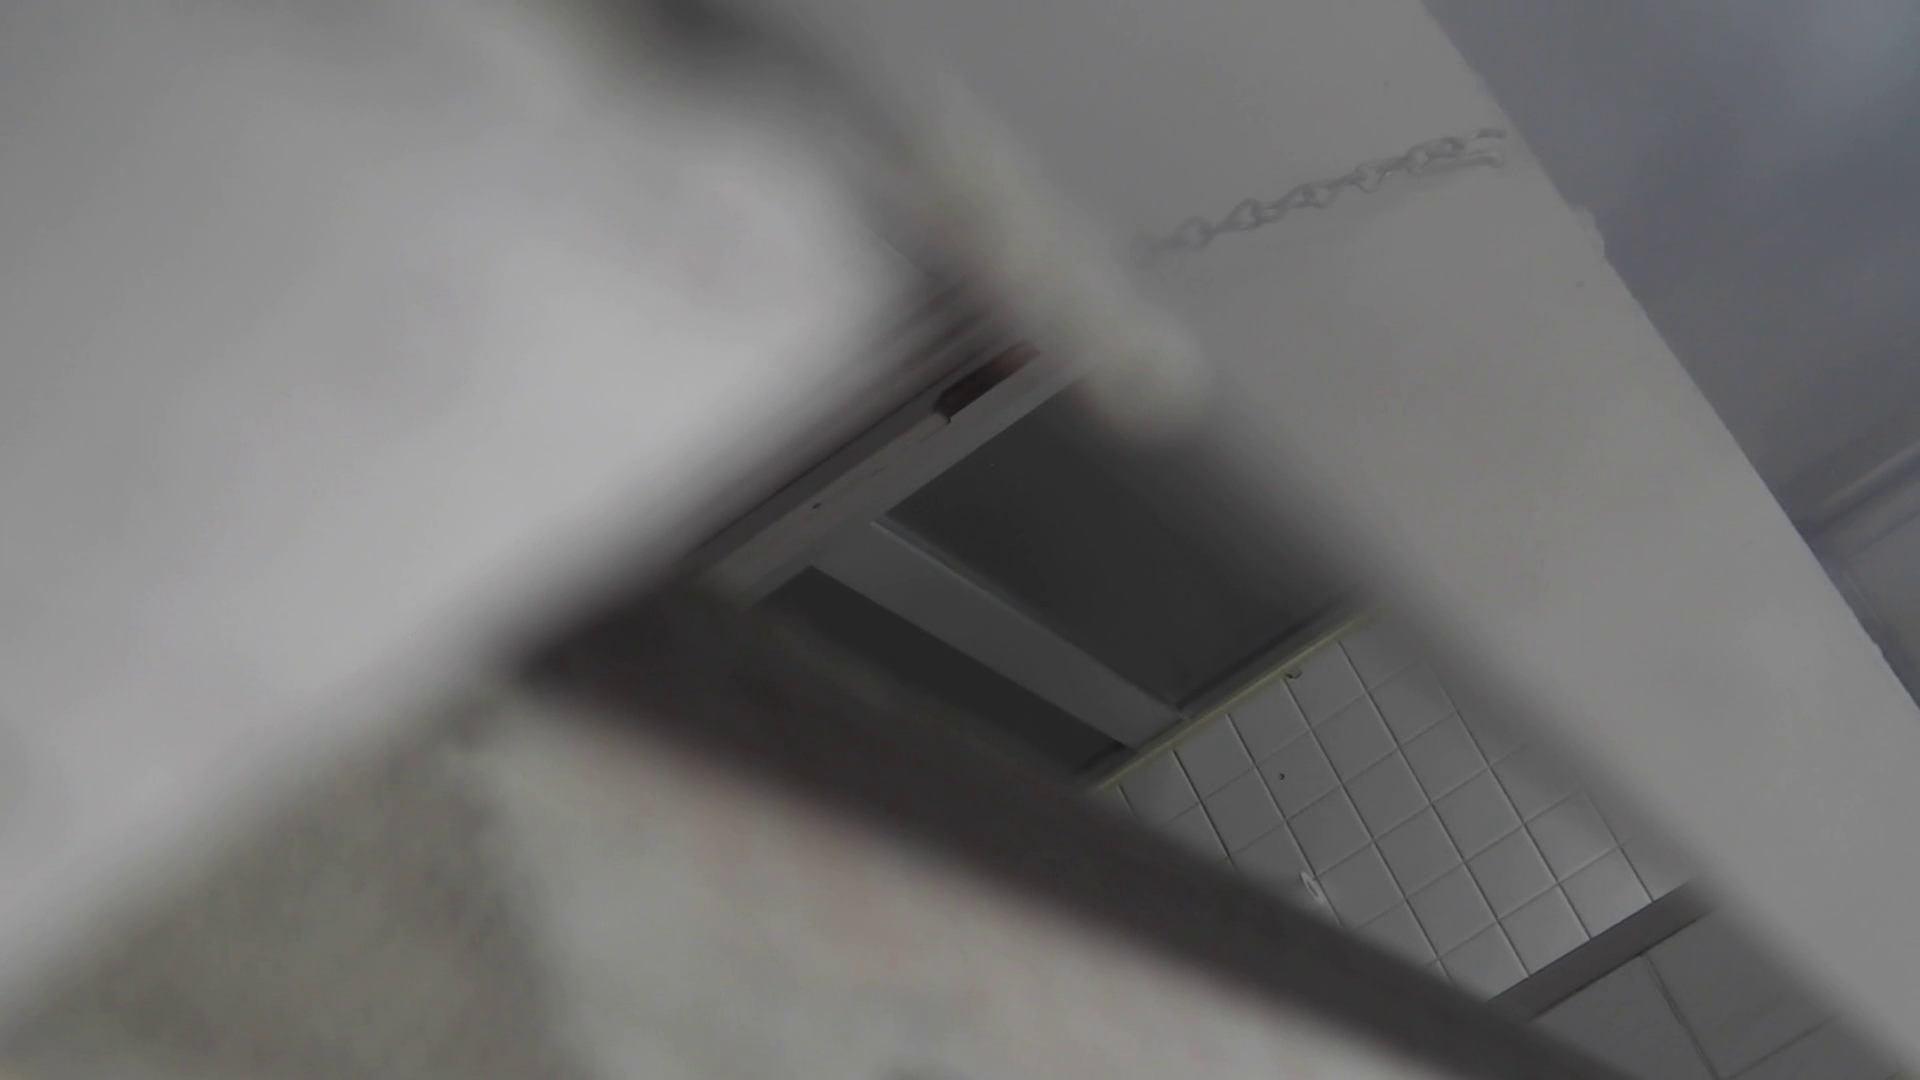 洗面所特攻隊 vol.020 びにょ~ん 洗面所着替え   OL  65連発 58